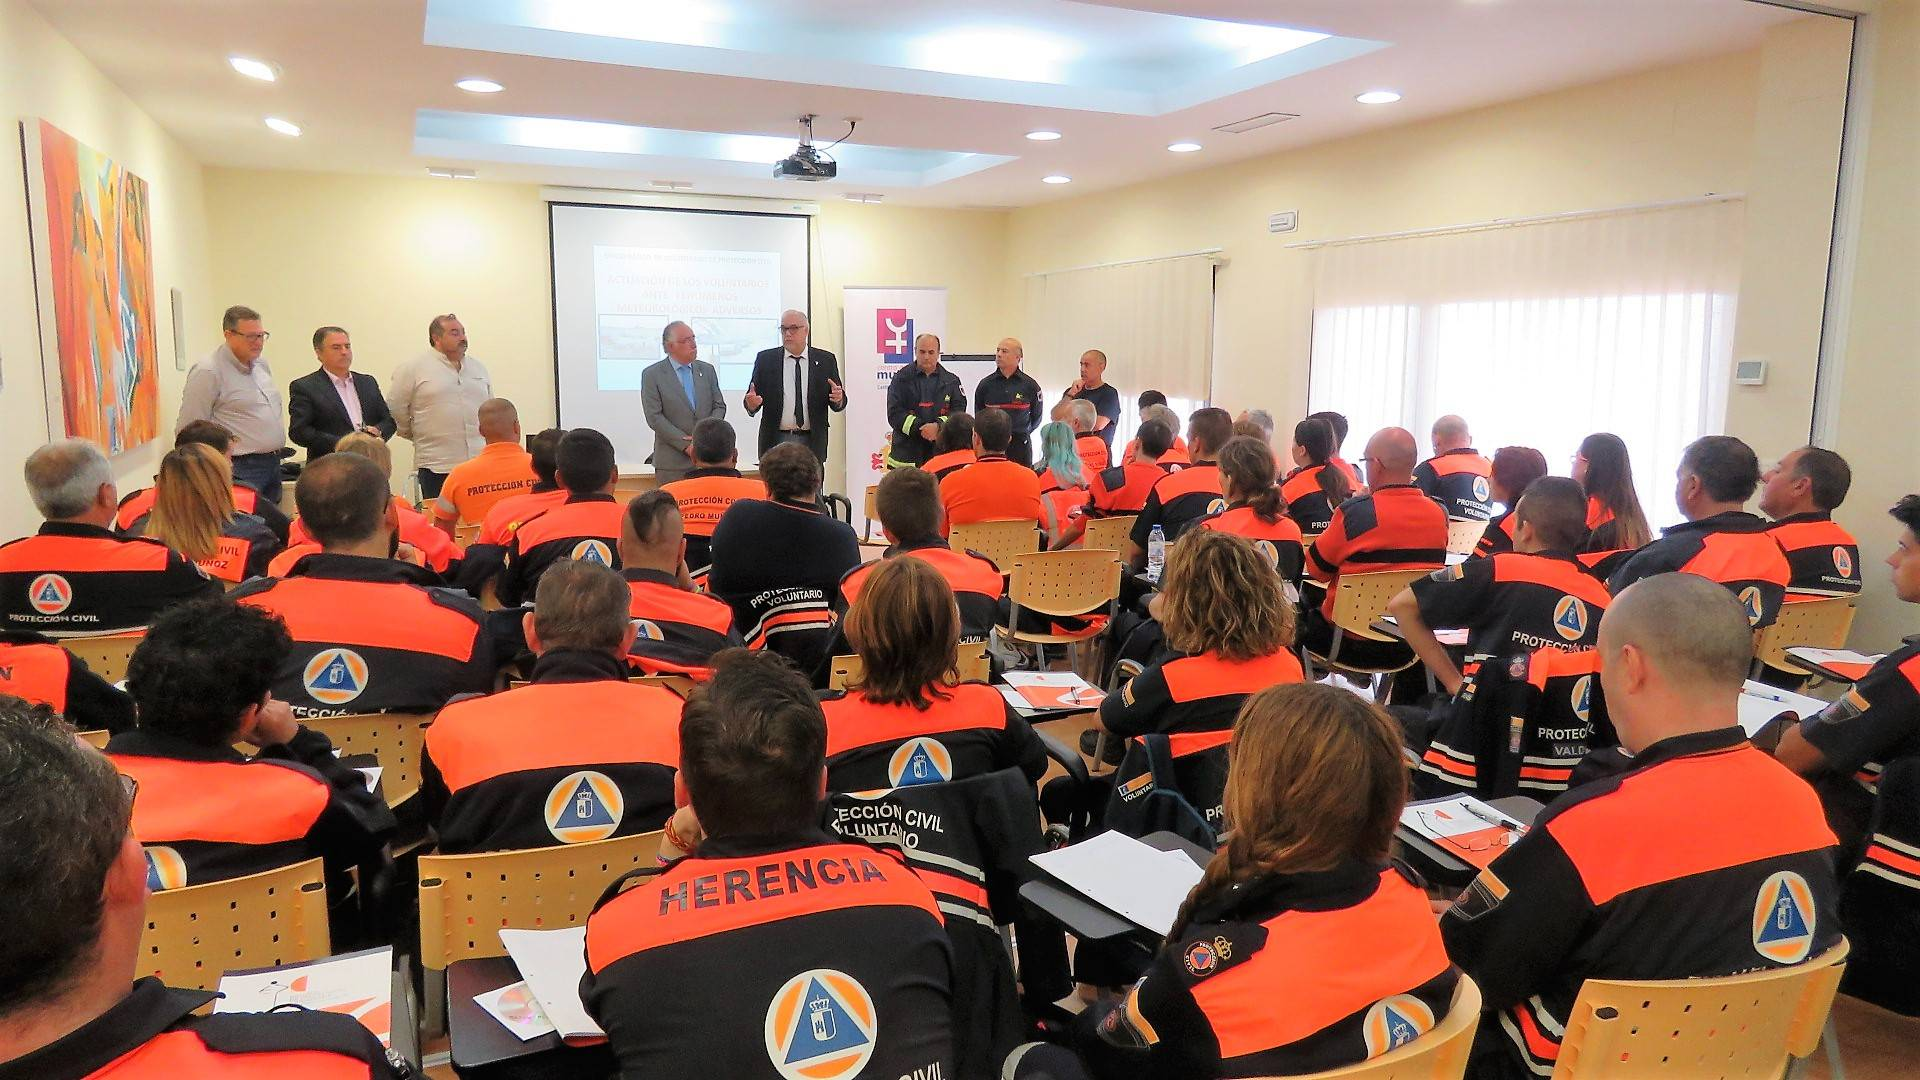 curso proteccion civil manzanares - Protección civil de Herencia se forma en Manzanares junto con 60 voluntarios